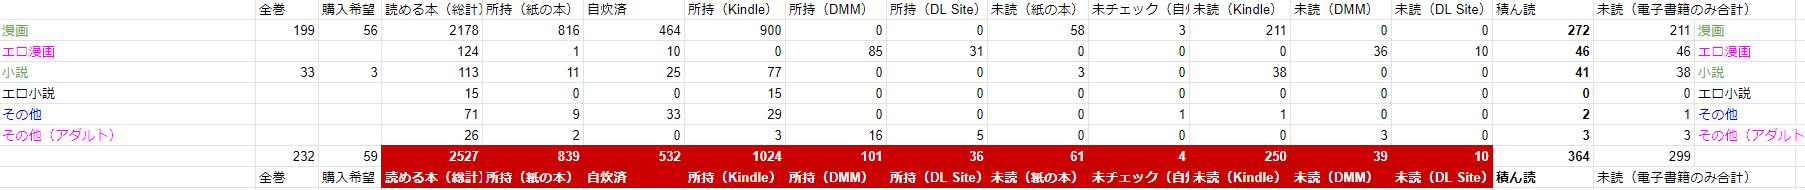 2020-11-tsumihon-3.png